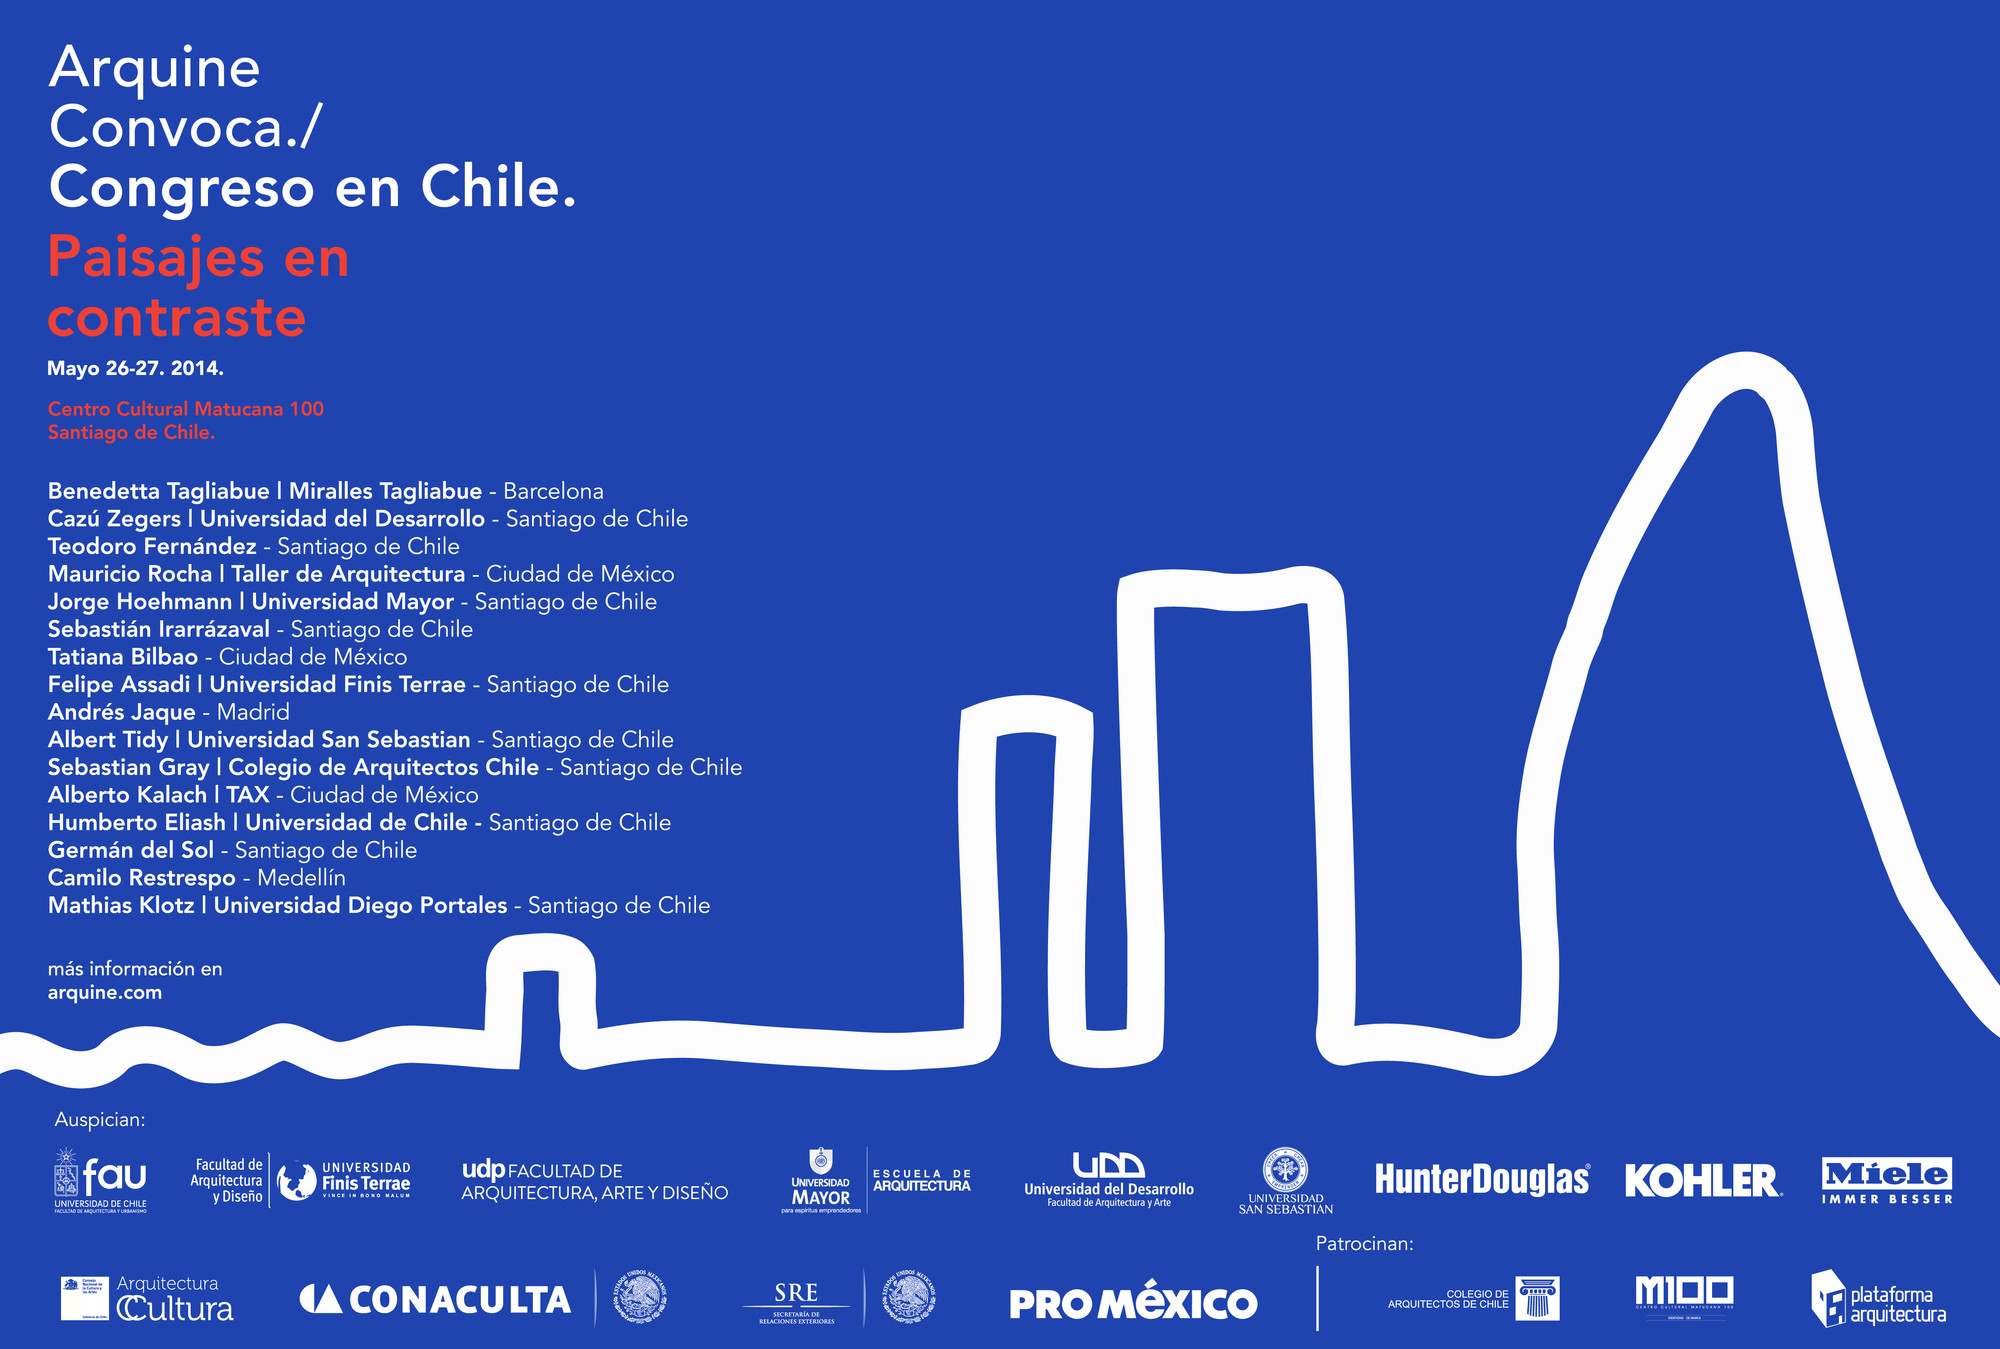 Congreso Arquine en Chile: Paisajes en Contraste